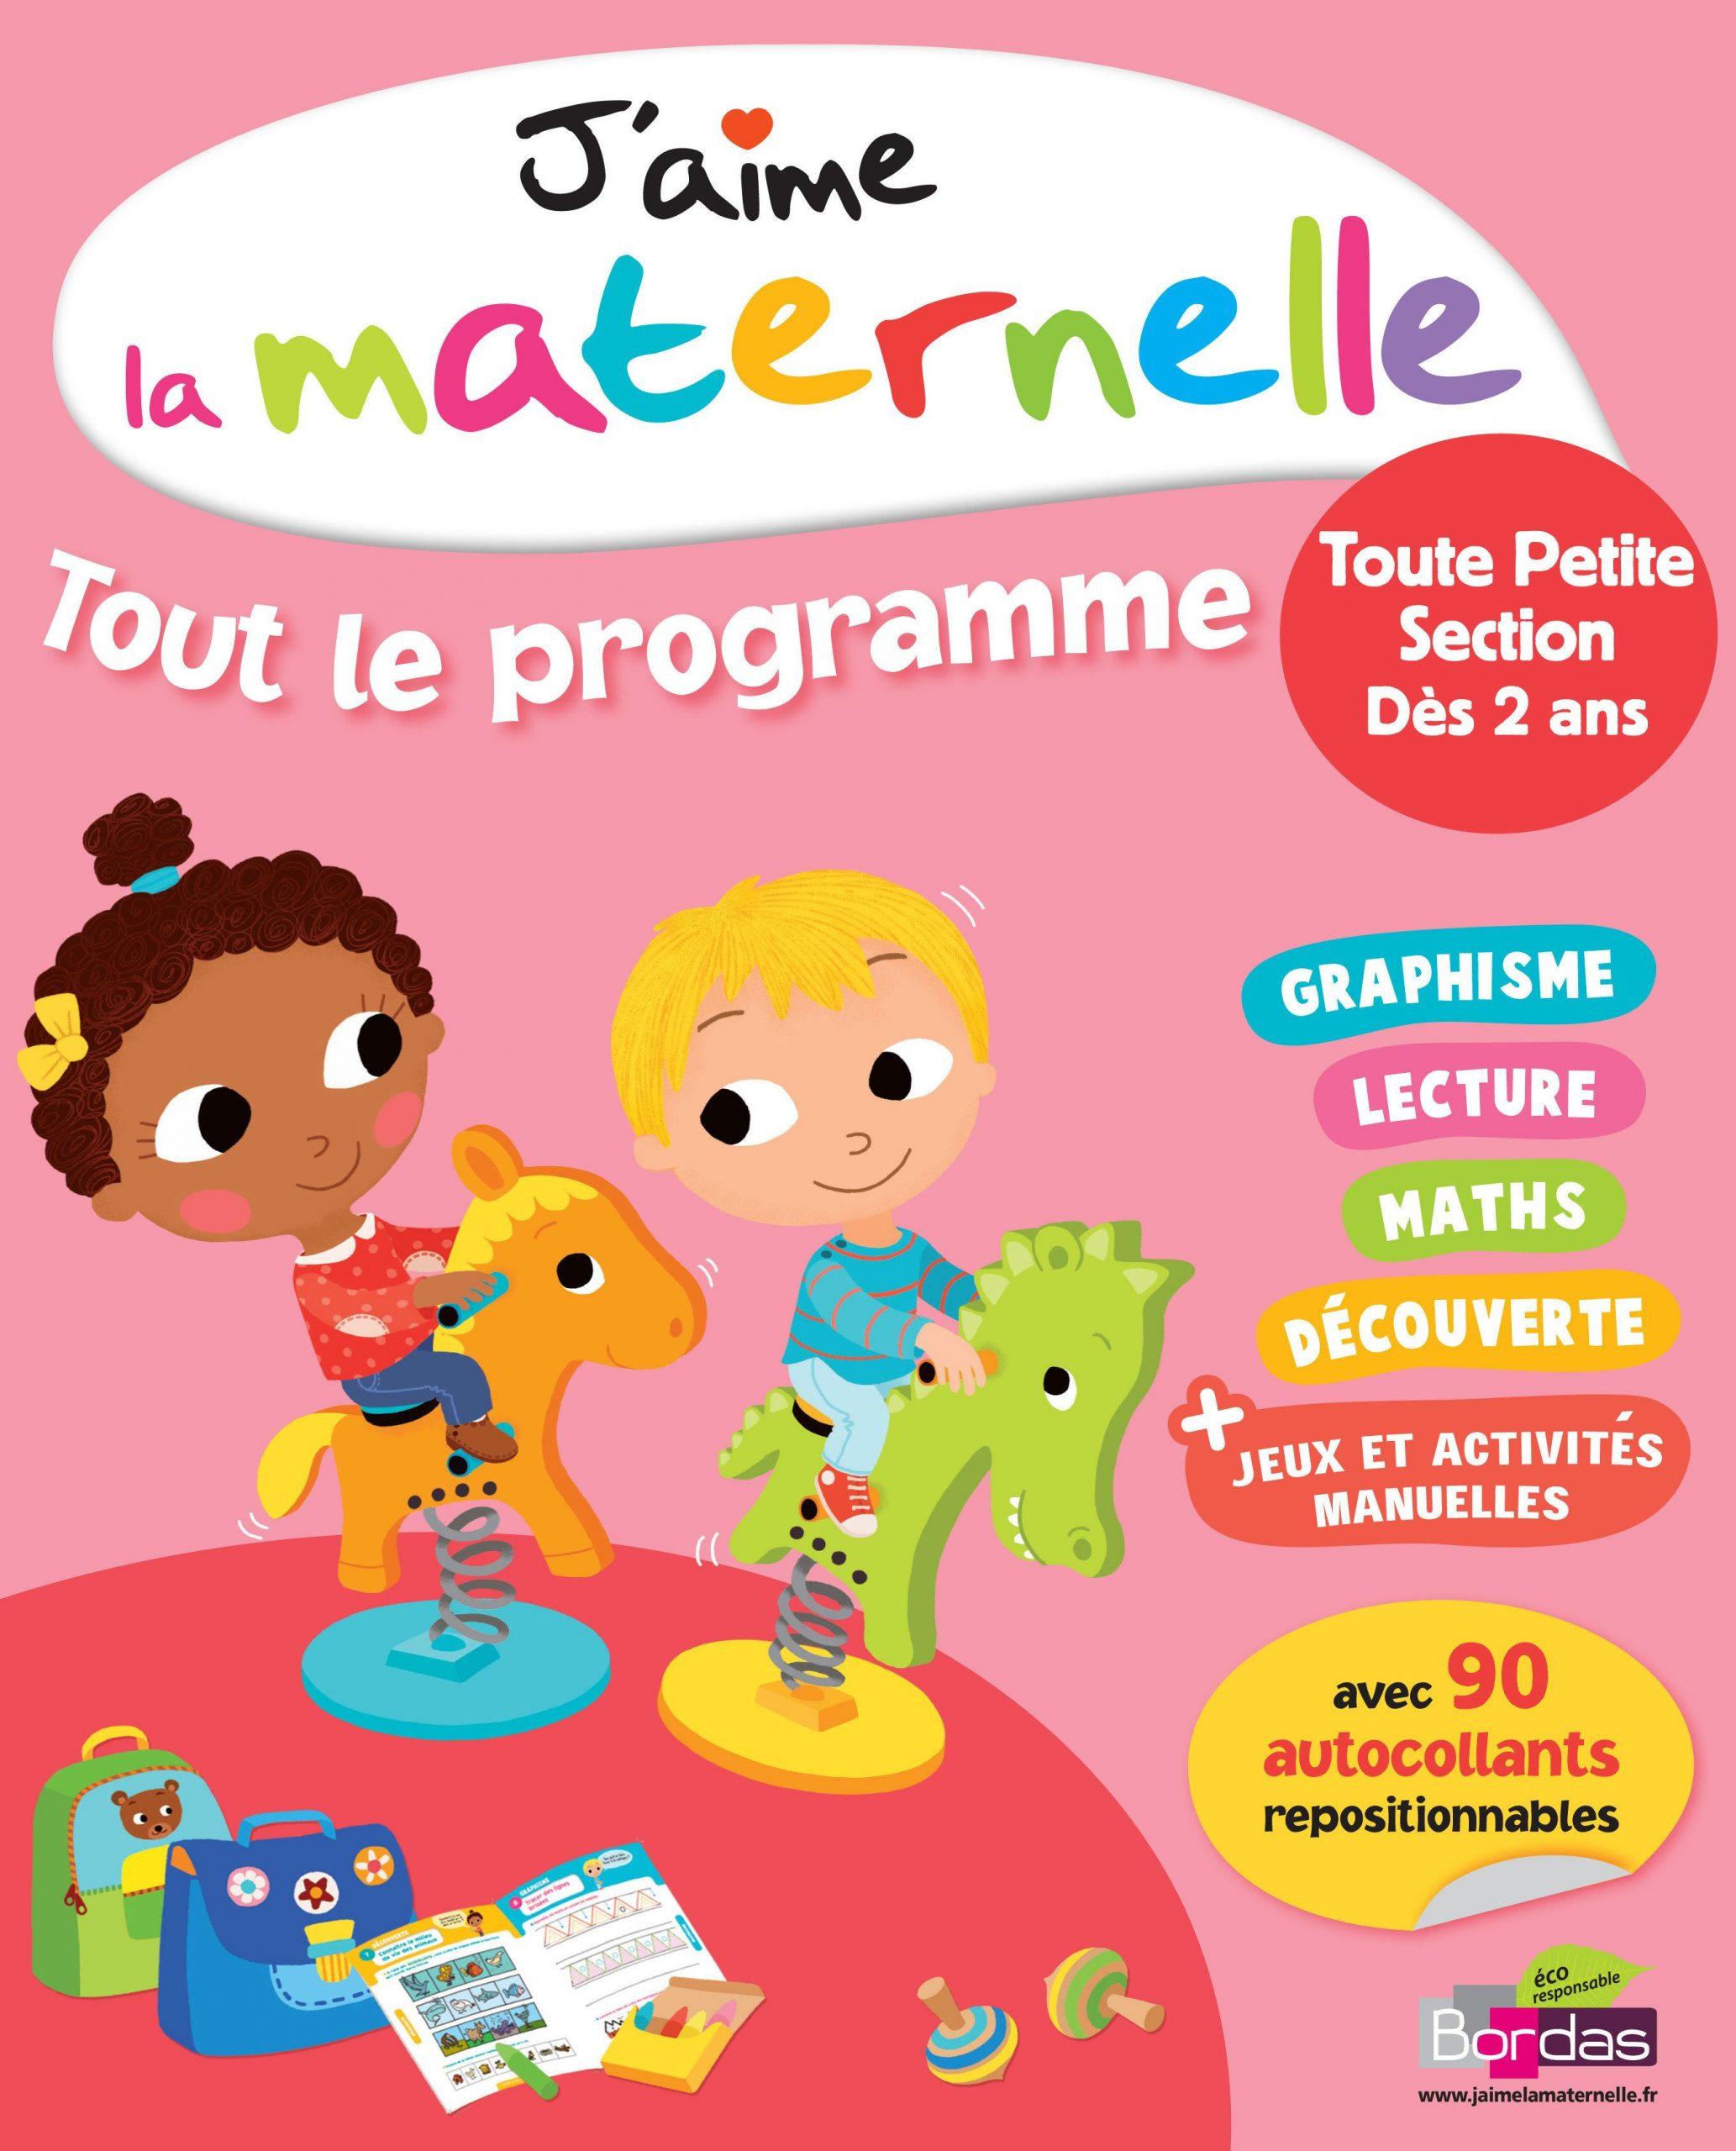 J'aime La Maternelle ; Tout Le Programme ; Toute Petite concernant Jeux Gratuit Maternelle Petite Section